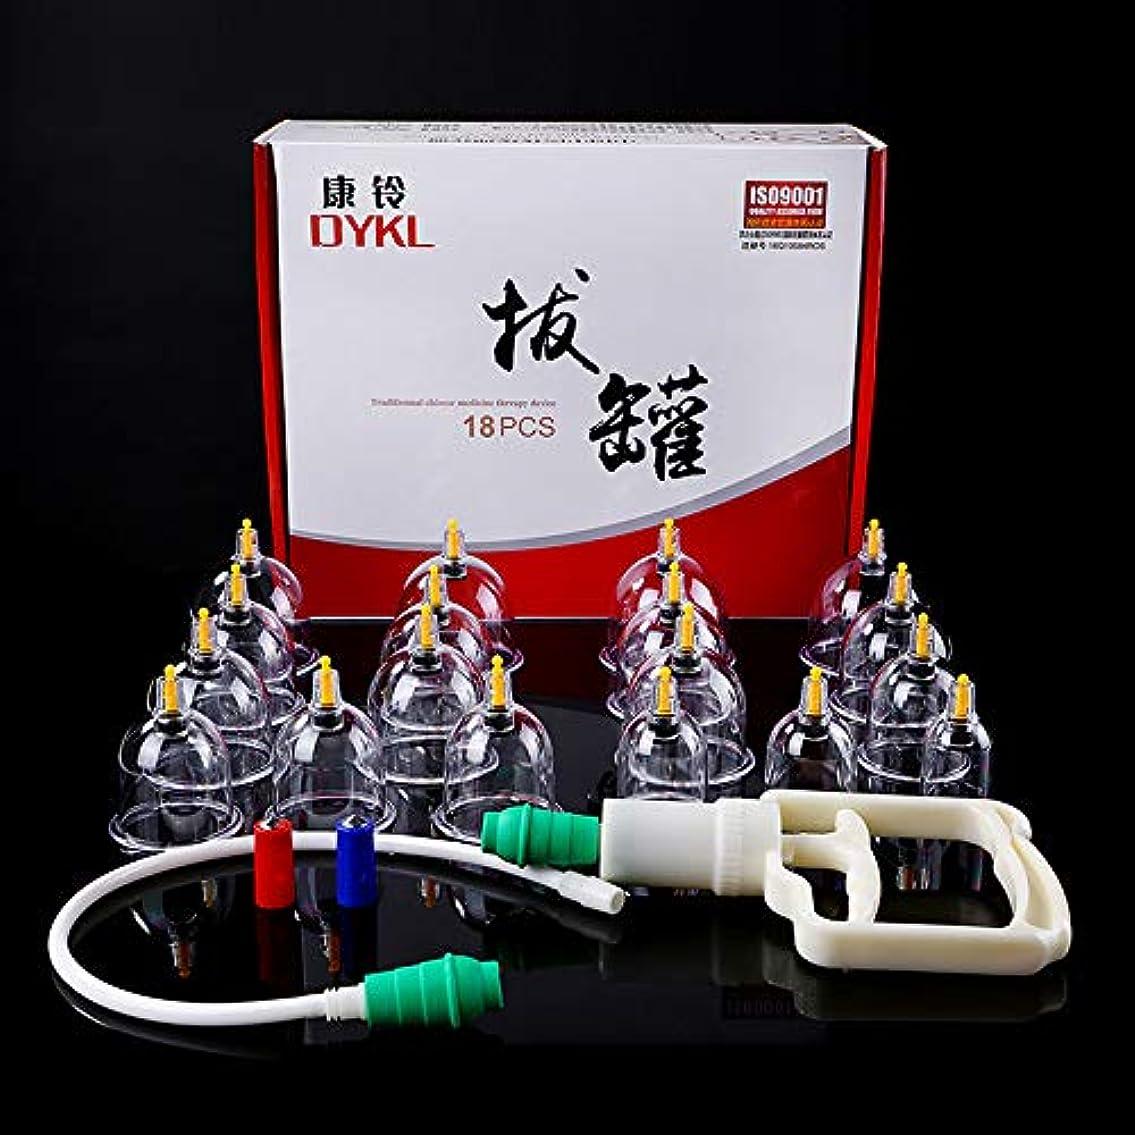 準拠大惨事頭ホーム中国製カッピング装置、背中/首の痛み/体重減少/筋肉の解放のためのポンピングハンドル付きの12個の真空吸引カップ